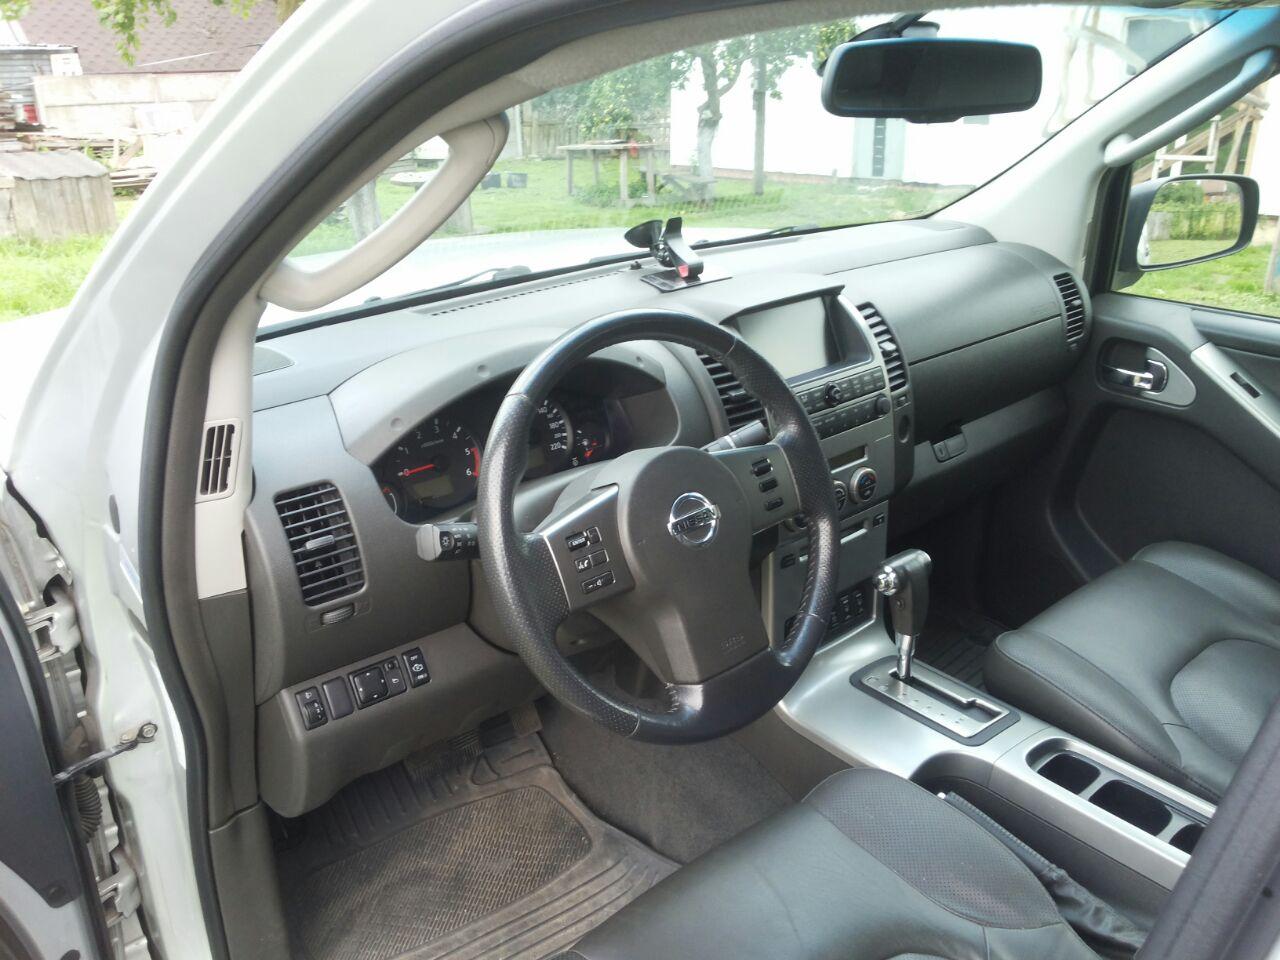 Nissan Navara 2007 г.в. г.Калининград - фото 2